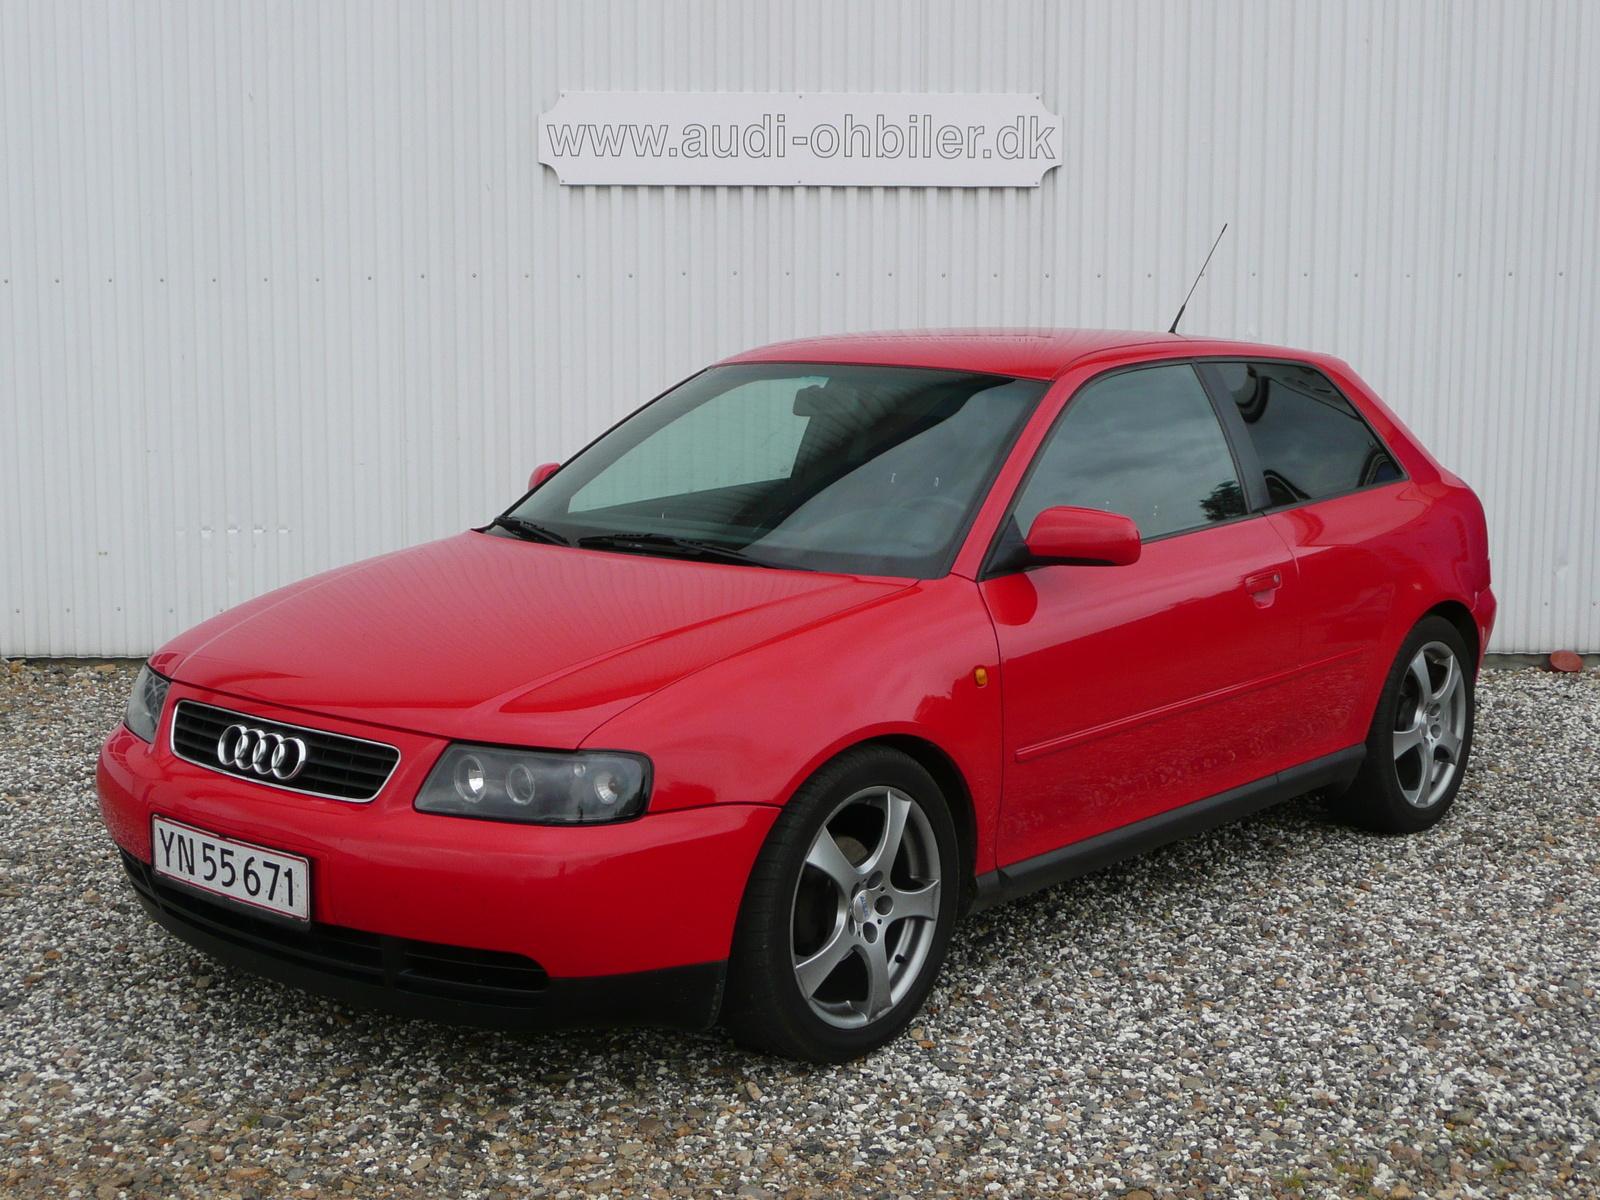 1997 Audi A3 Pictures Cargurus